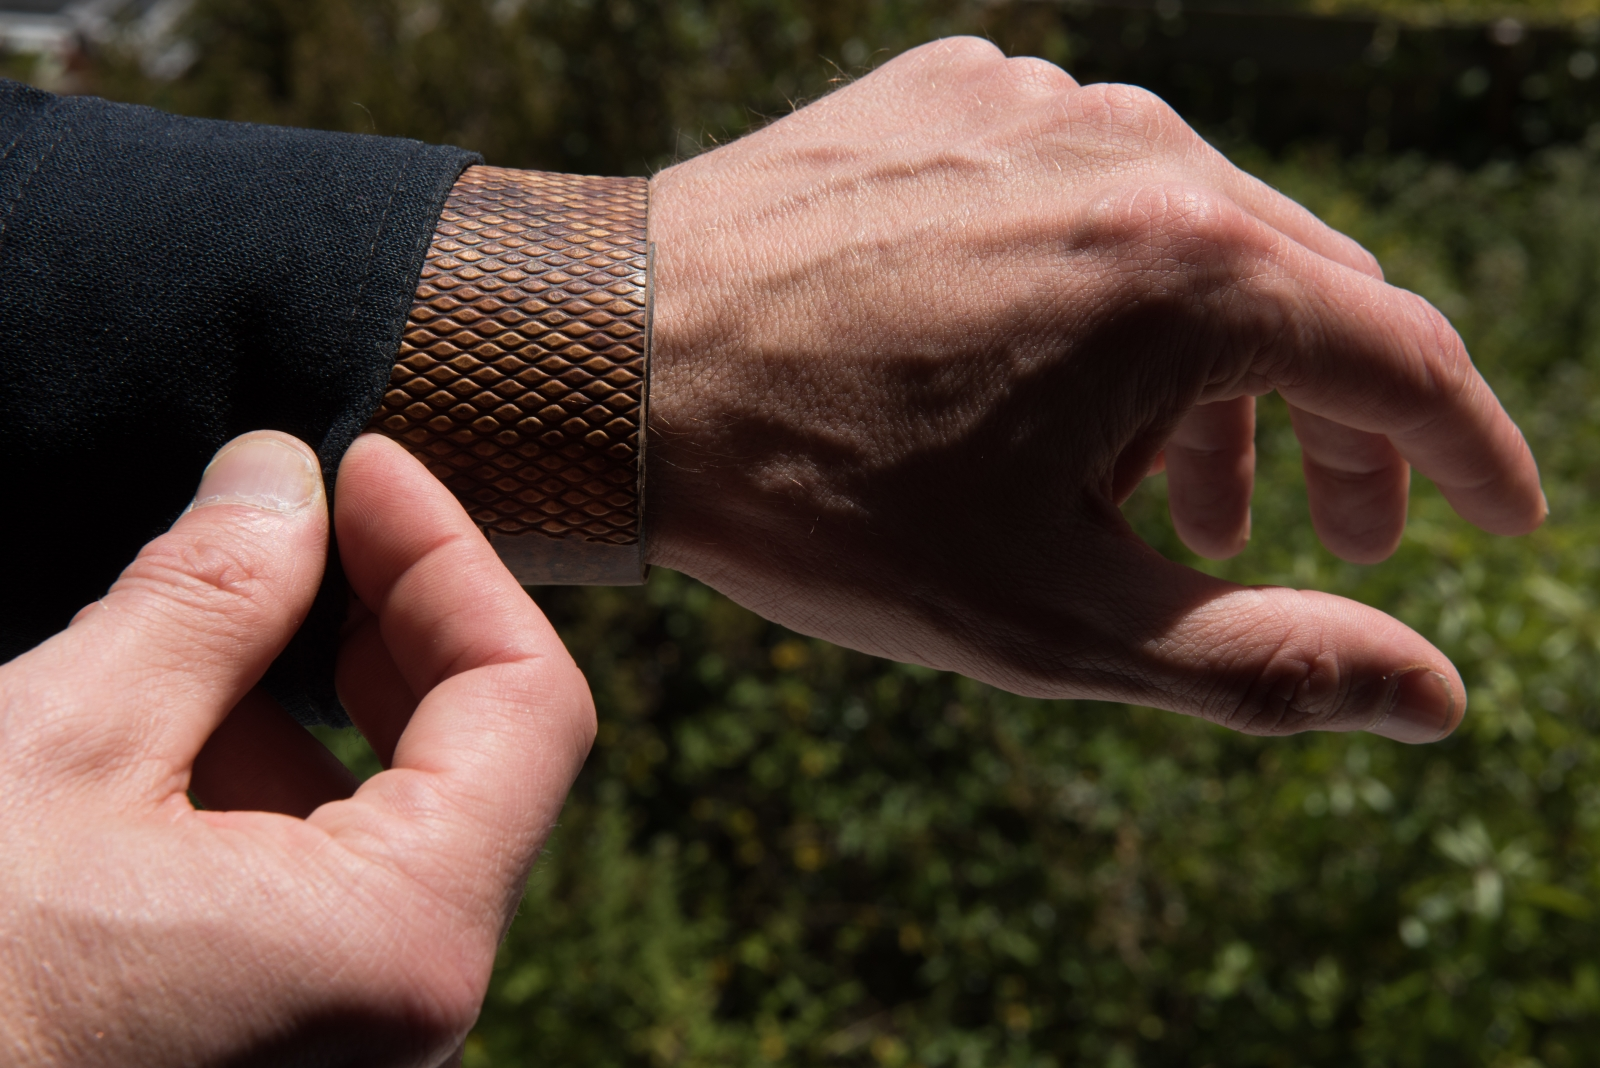 MycoWorks' mushroom leather bracelet